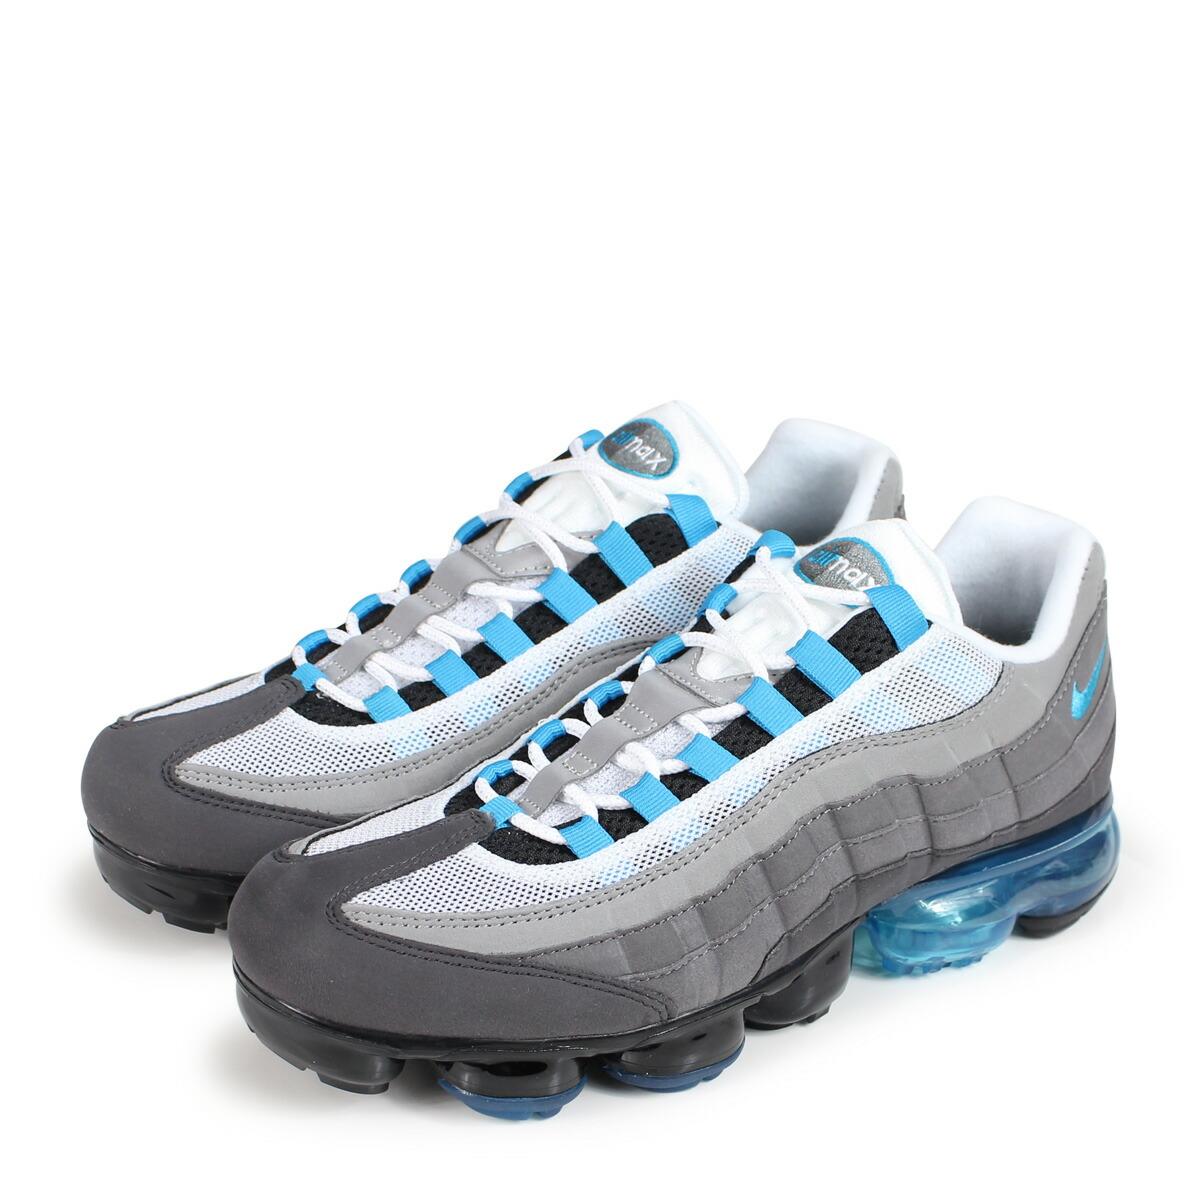 fcae6d96a37c ALLSPORTS  NIKE AIR VAPORMAX 95 Nike air vapor max 95 sneakers men ...